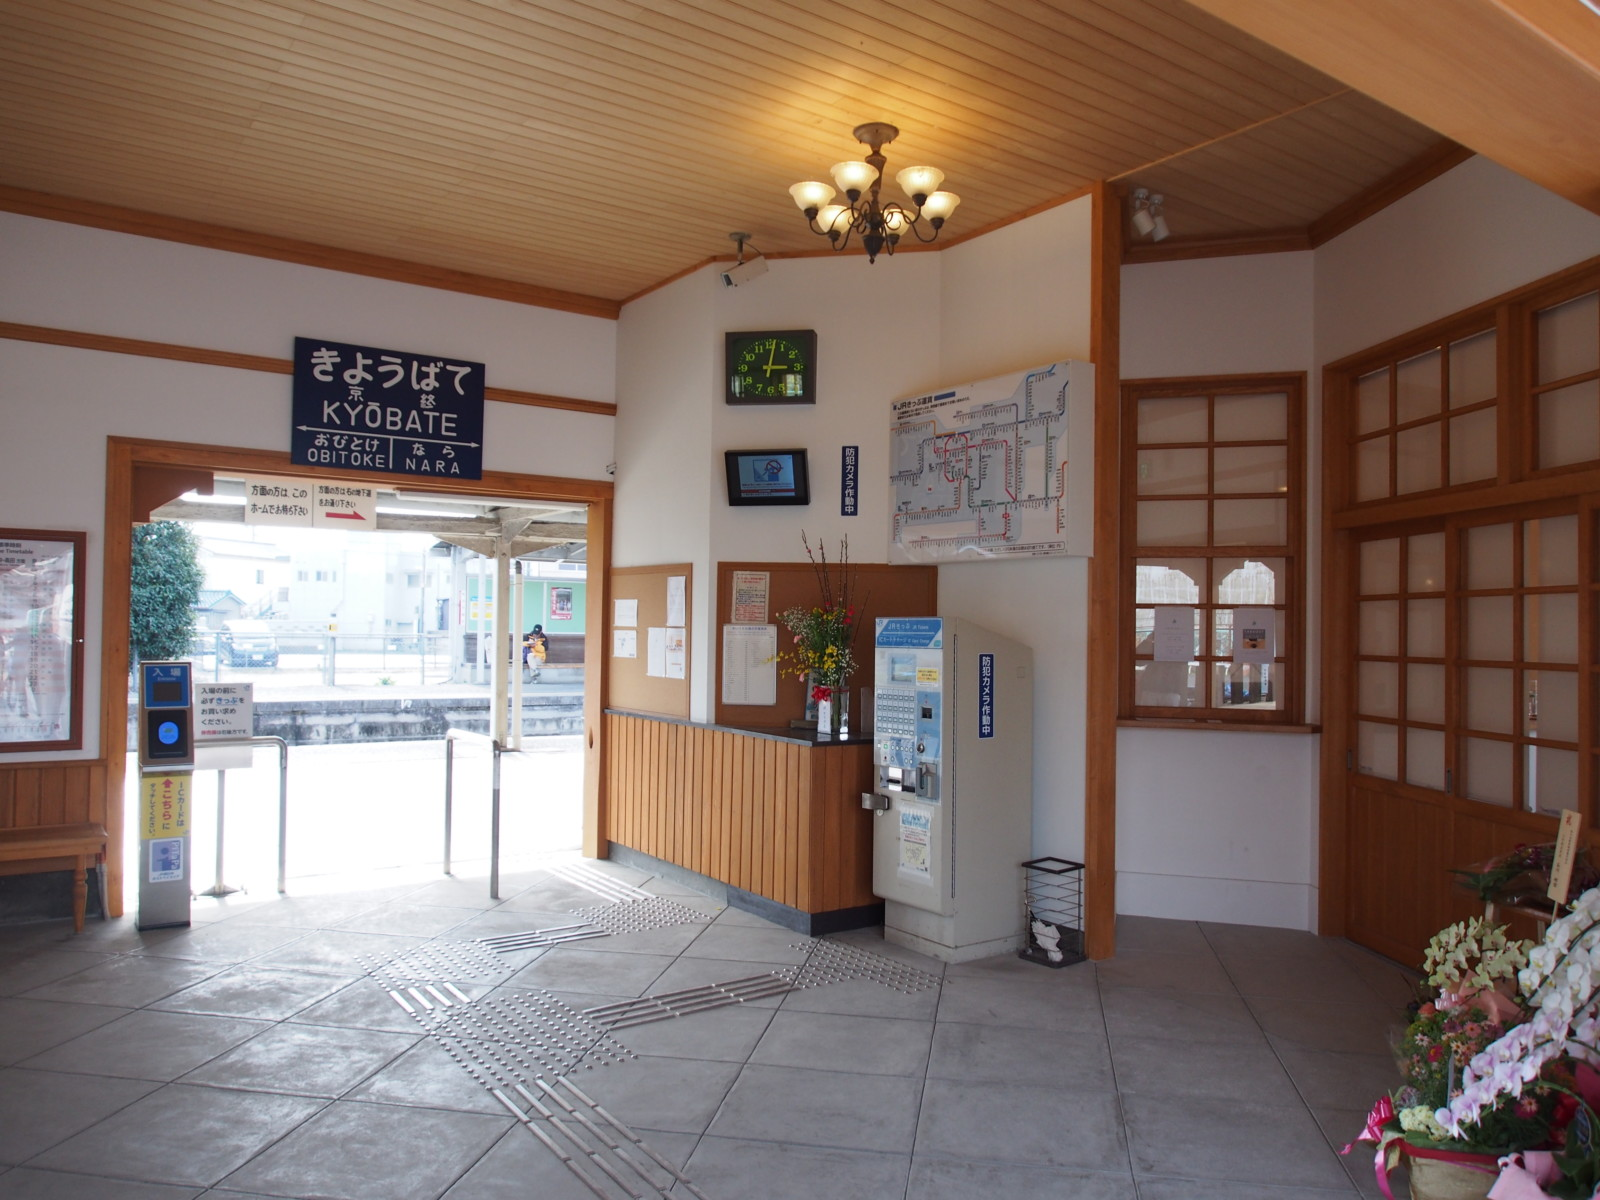 京終駅の内部